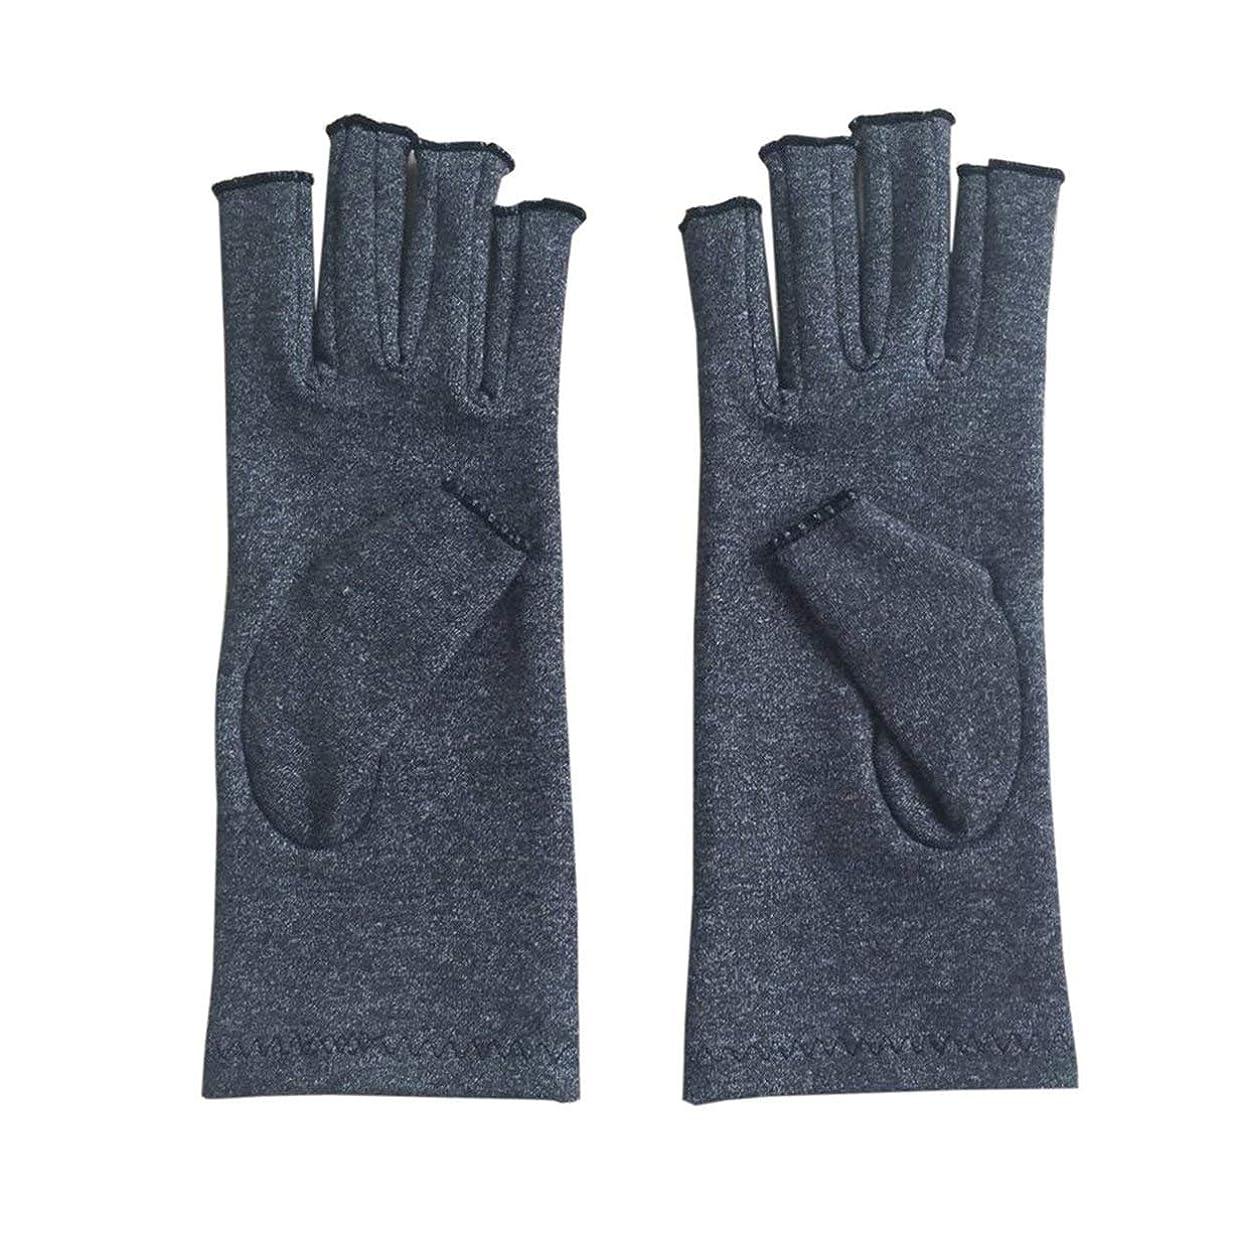 分クリーク一掃するAペア/セット快適な男性用女性療法圧縮手袋無地通気性関節炎関節痛緩和手袋 - グレー